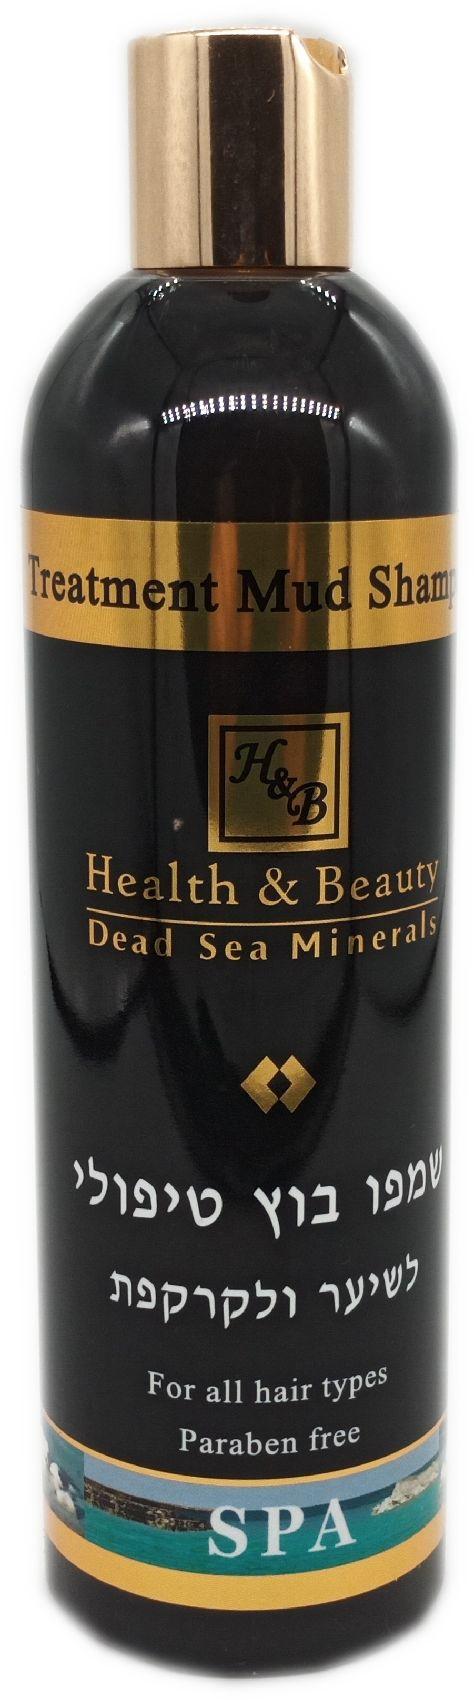 Шампунь с минералами (грязями) Мертвого моря для волос и кожи головы